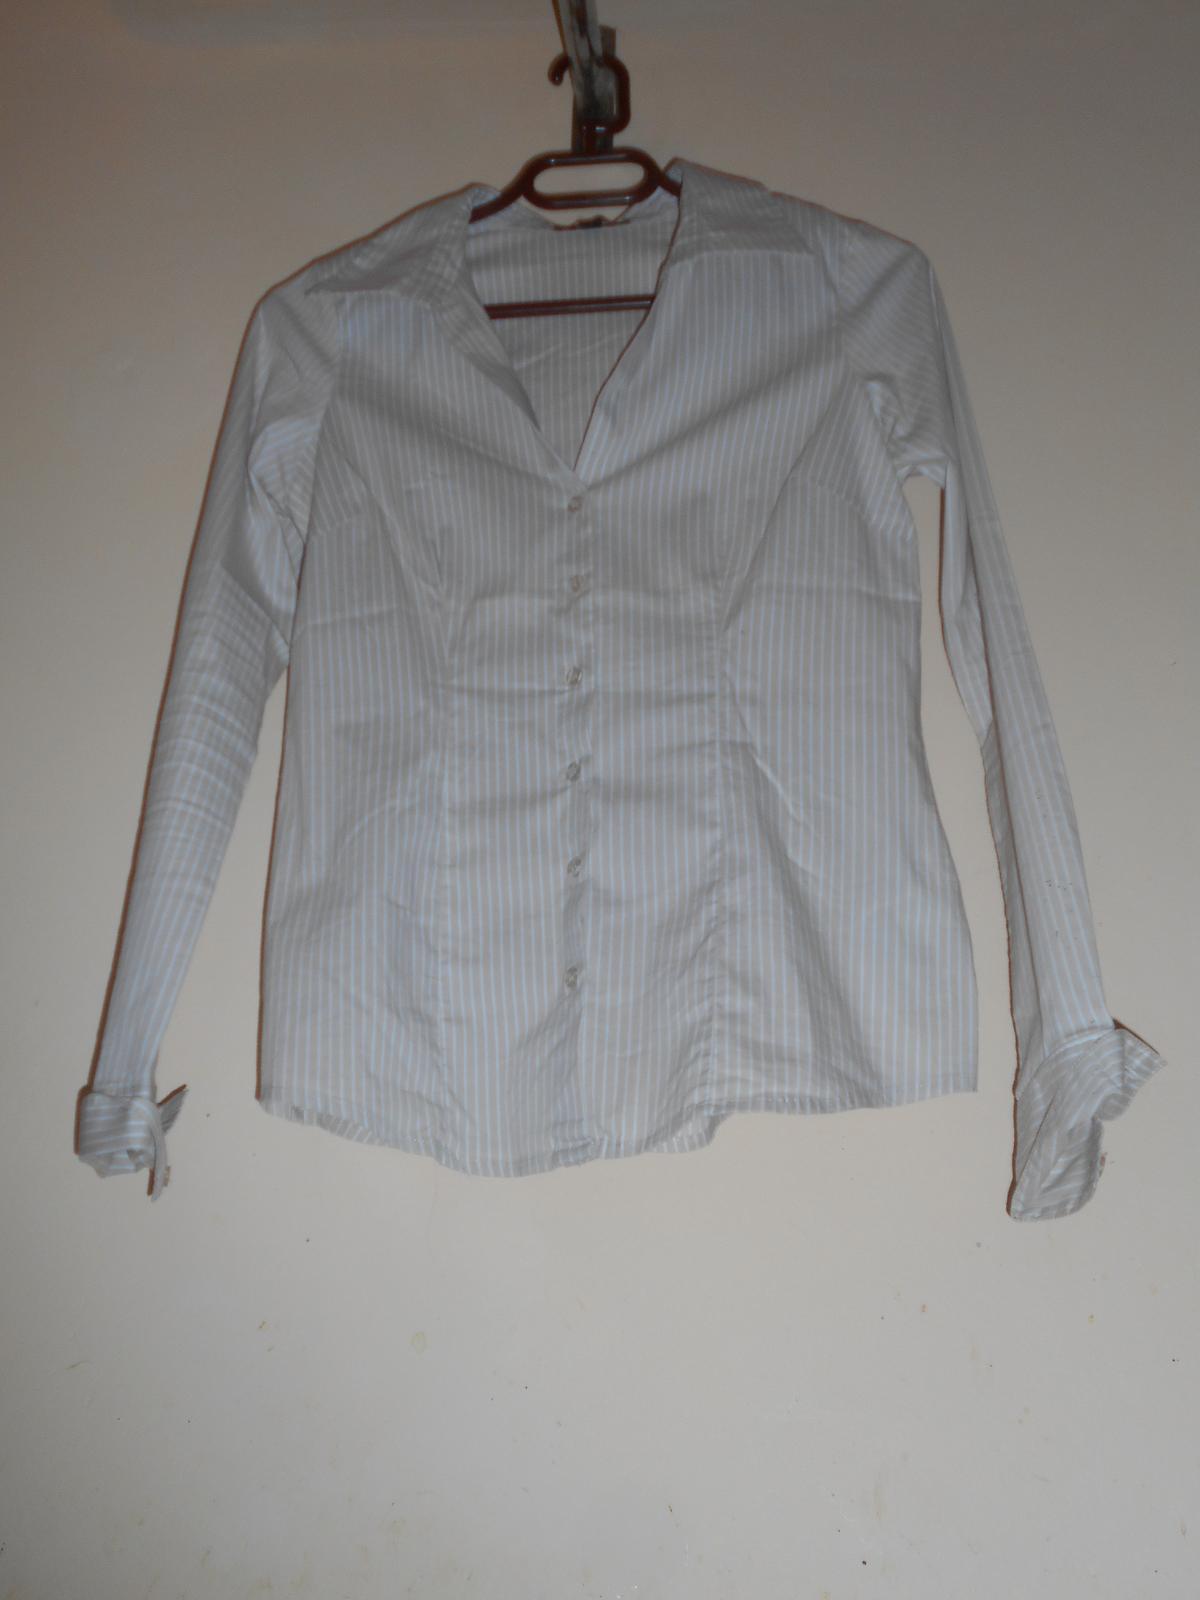 bluska s pasikmi - Obrázok č. 1